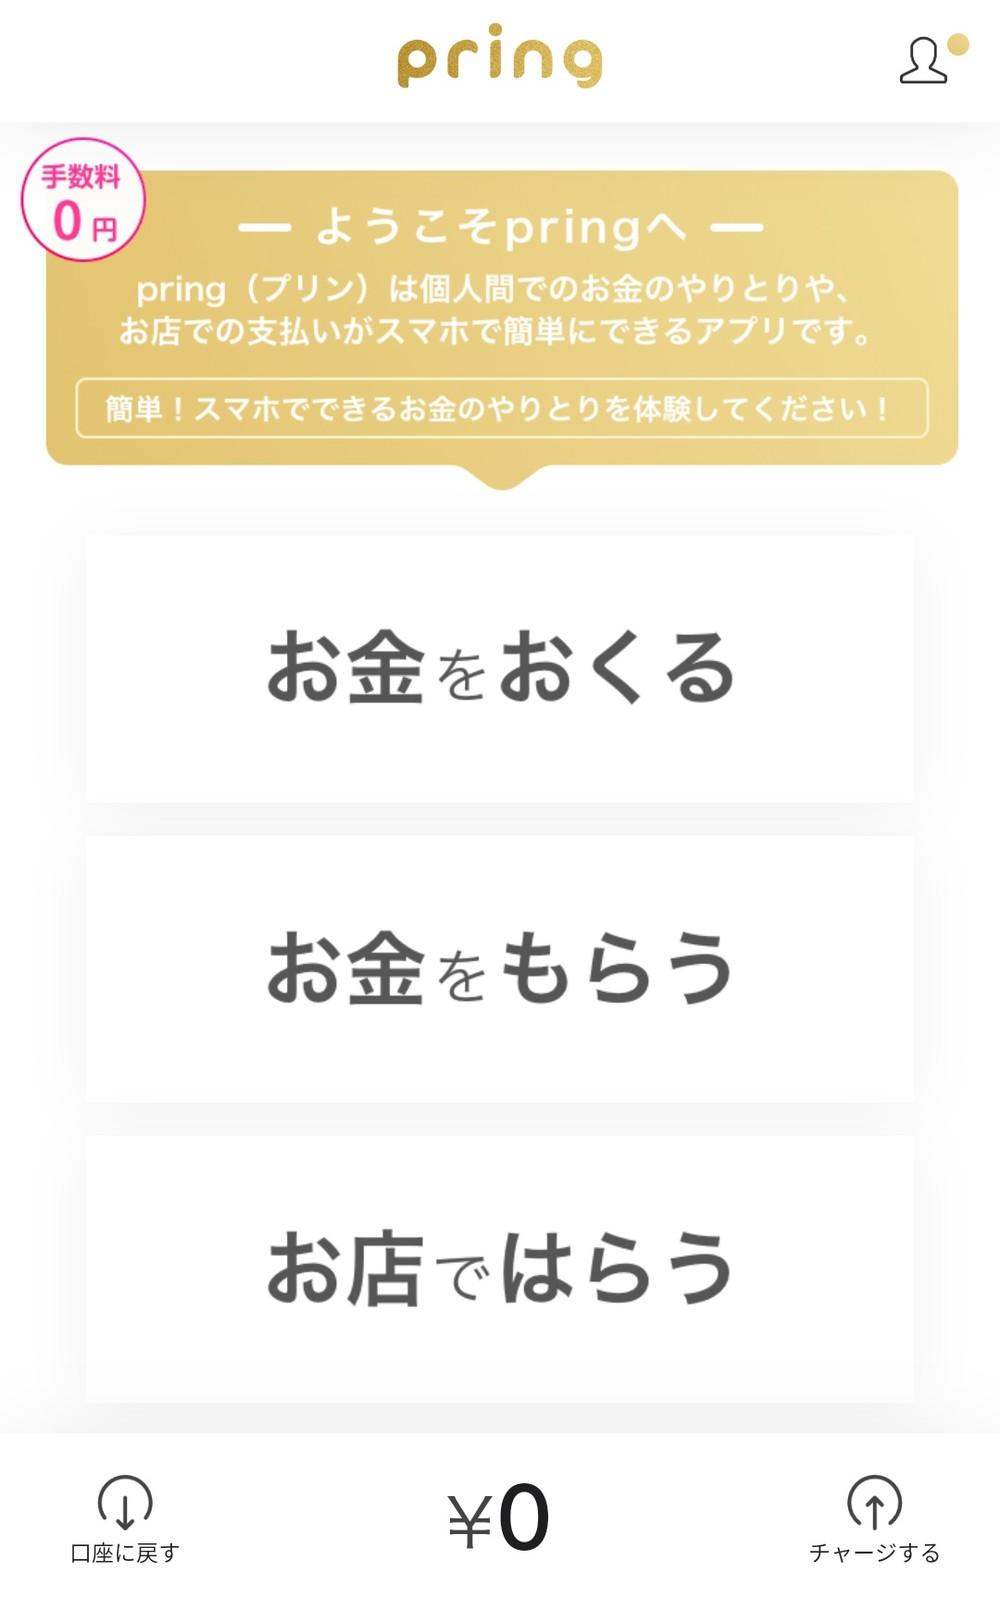 アプリの利用画面